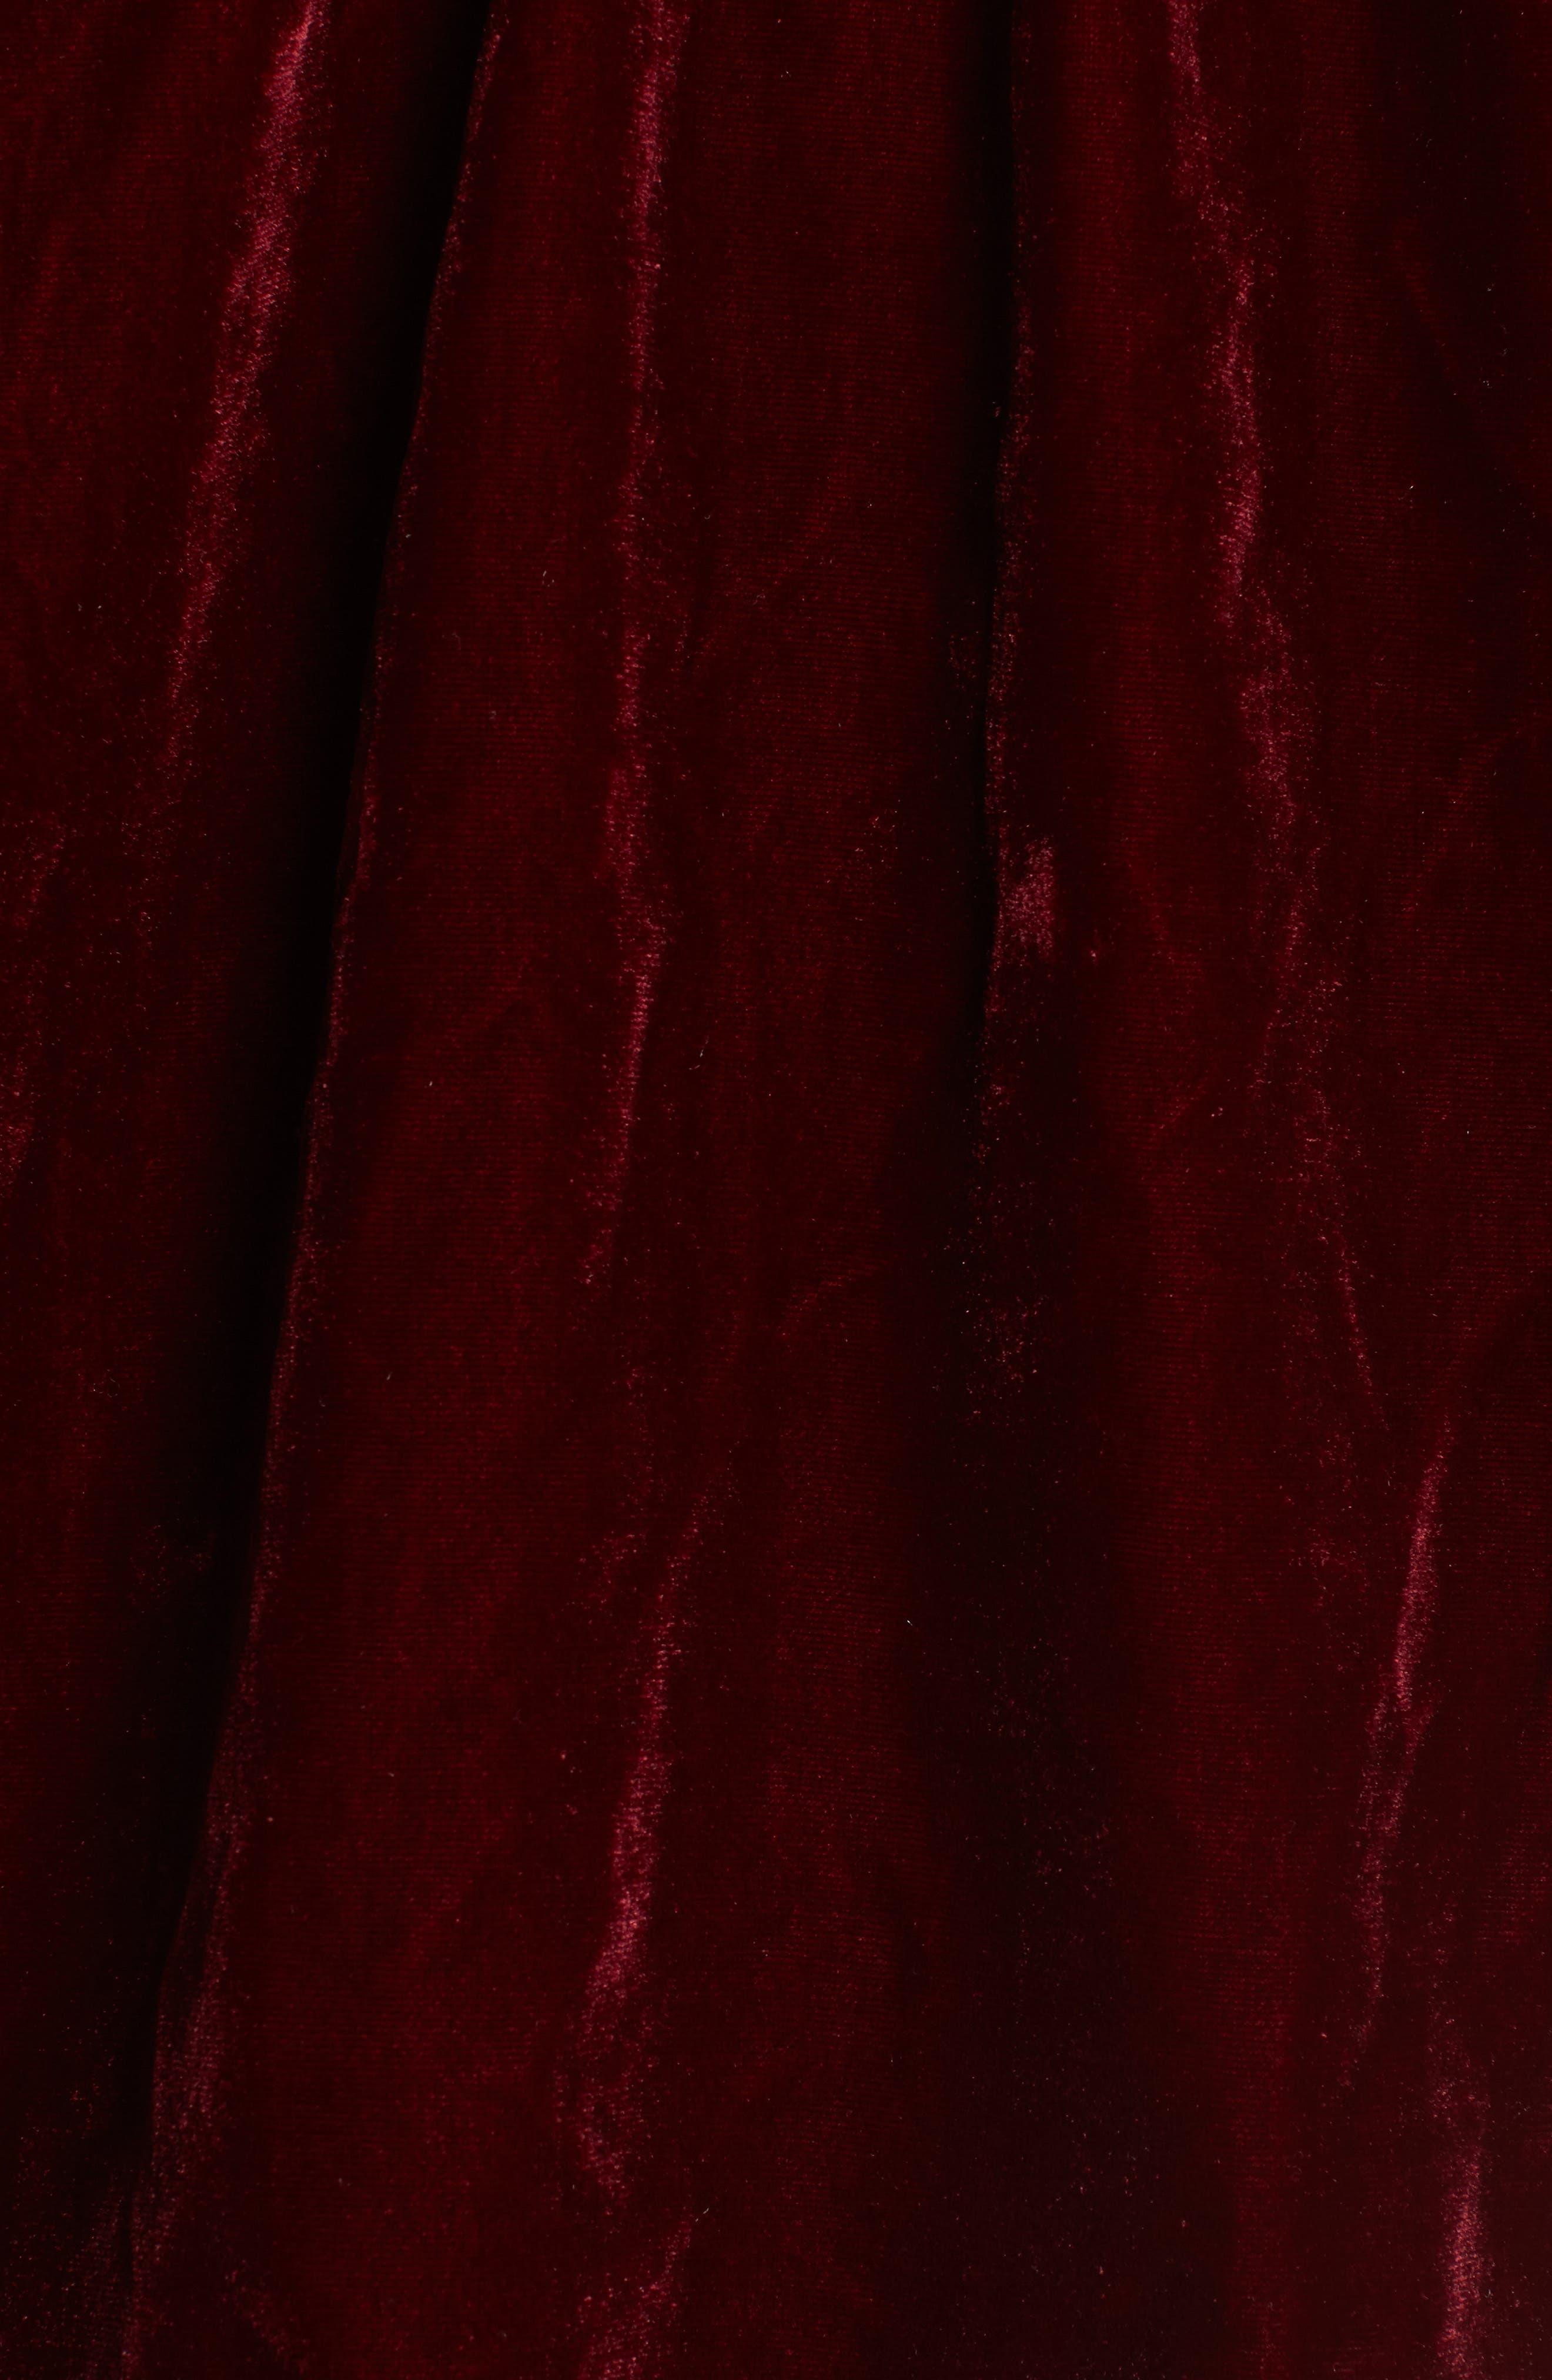 L'Academie Off the Shoulder Velvet Top,                             Alternate thumbnail 6, color,                             Red Velvet